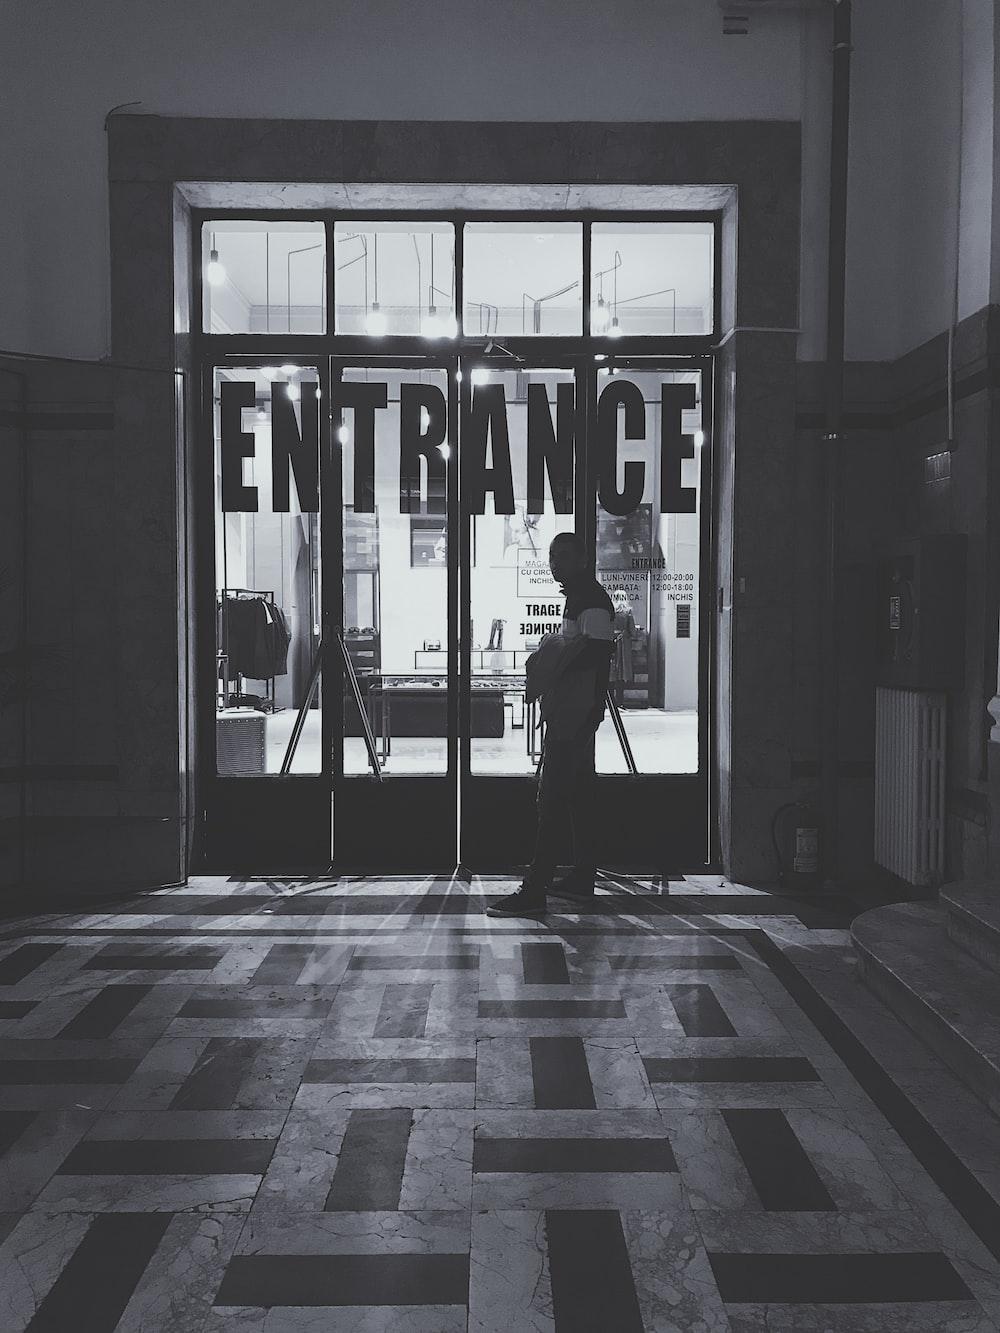 man standing near the door of the building